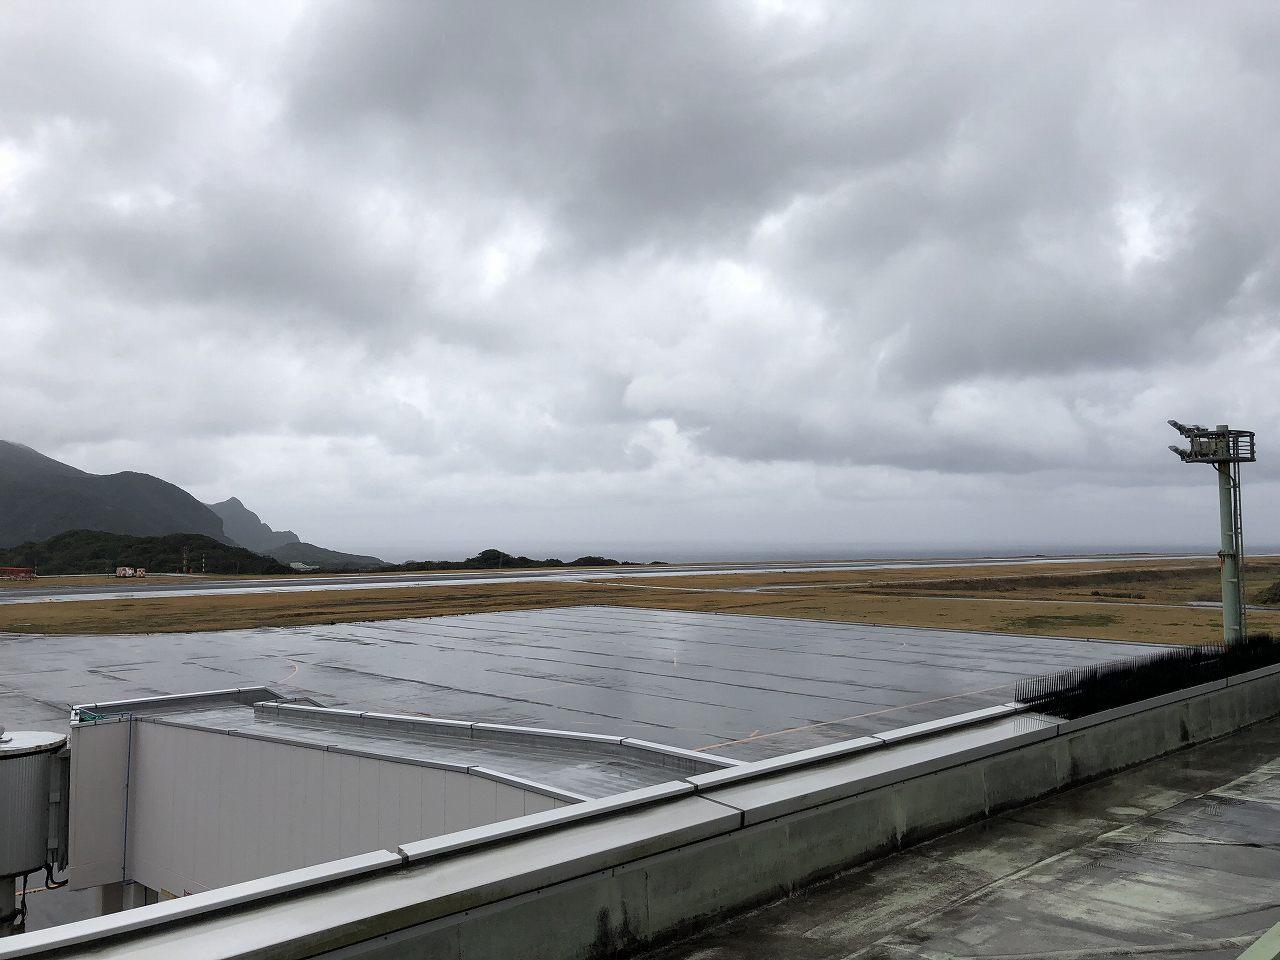 八丈島空港の展望デッキから2